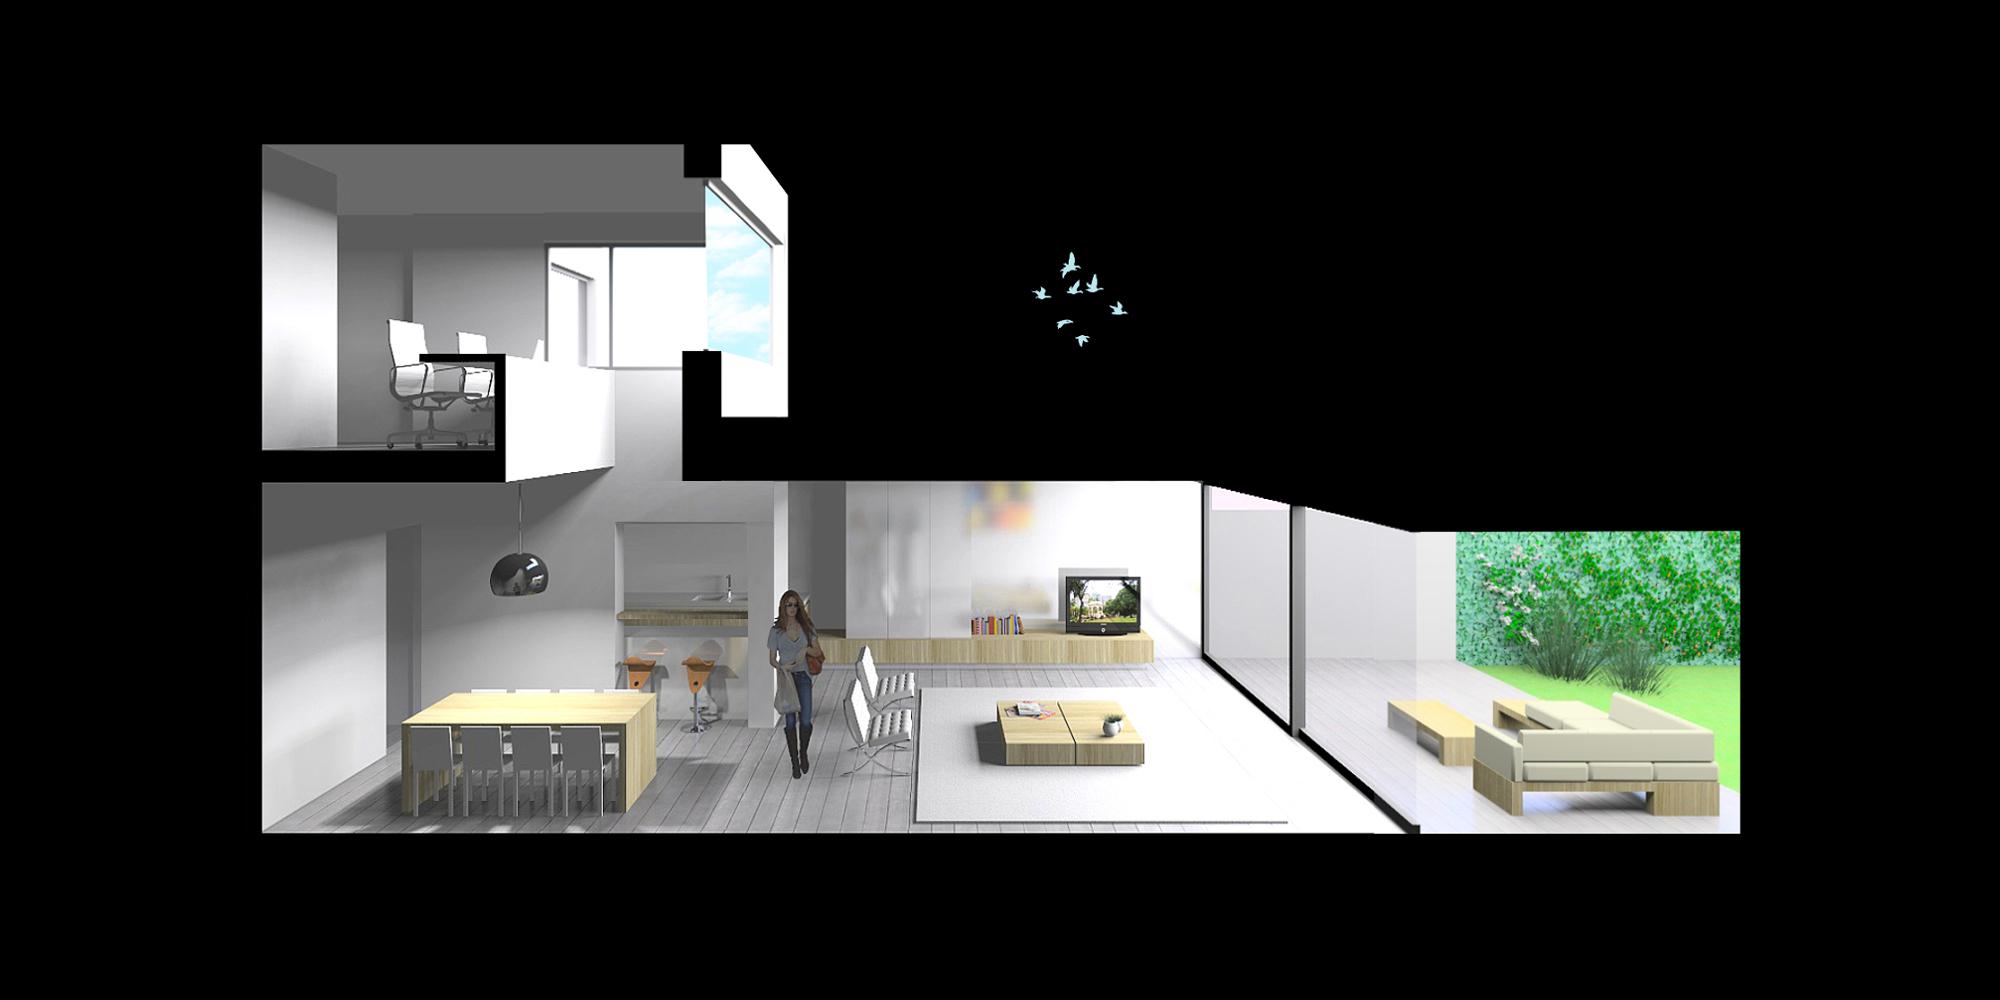 doorsnede - concept 02.jpg